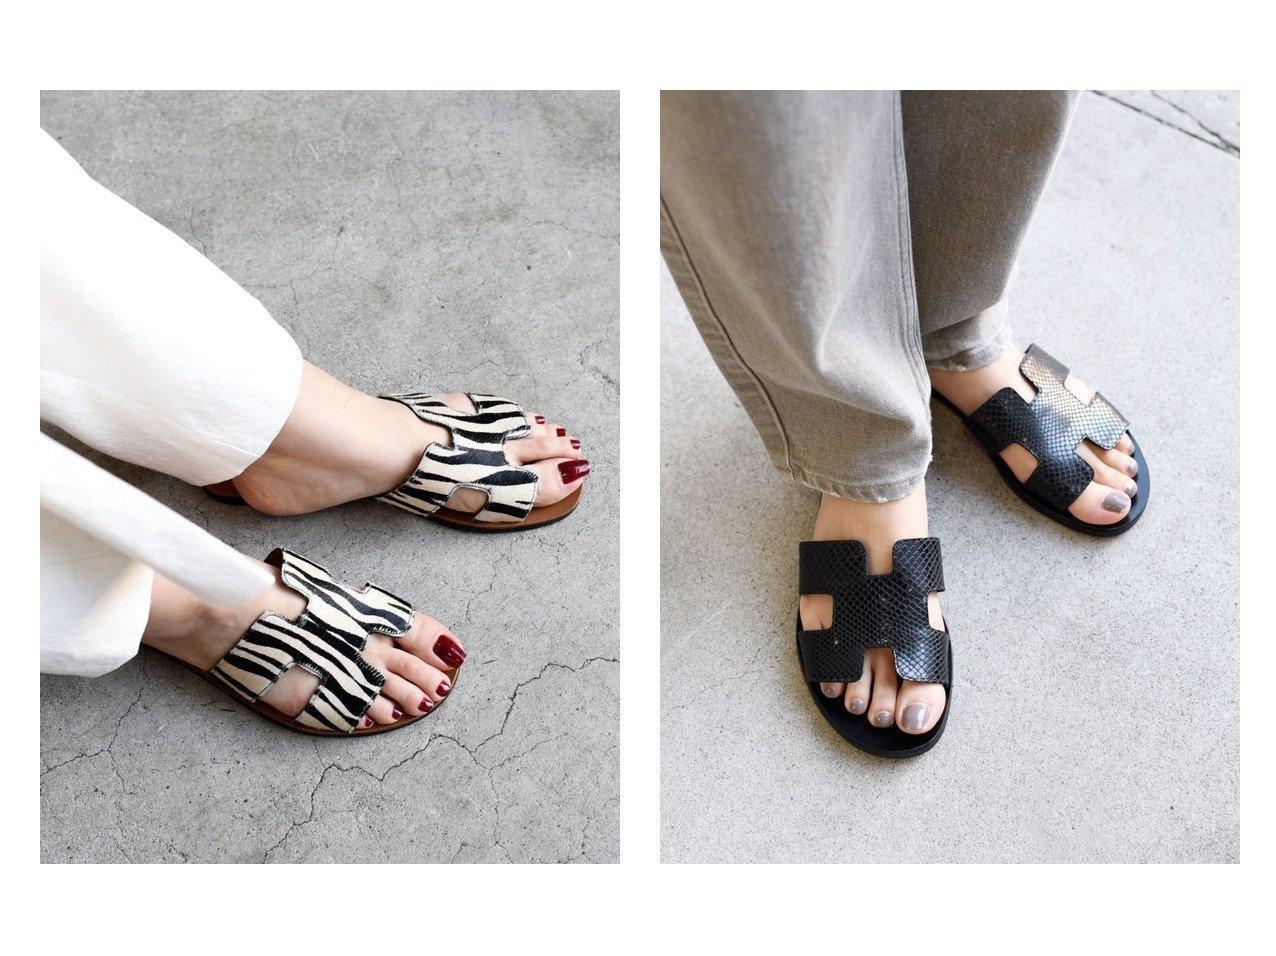 【SHIPS/シップス フォー ウィメン】のTABITA ゼブラ/ソリッドサンダル 【シューズ・靴】おすすめ!人気、トレンド・レディースファッションの通販 おすすめで人気の流行・トレンド、ファッションの通販商品 メンズファッション・キッズファッション・インテリア・家具・レディースファッション・服の通販 founy(ファニー) https://founy.com/ ファッション Fashion レディースファッション WOMEN カッティング サンダル シューズ シンプル フラット ミュール |ID:crp329100000030416